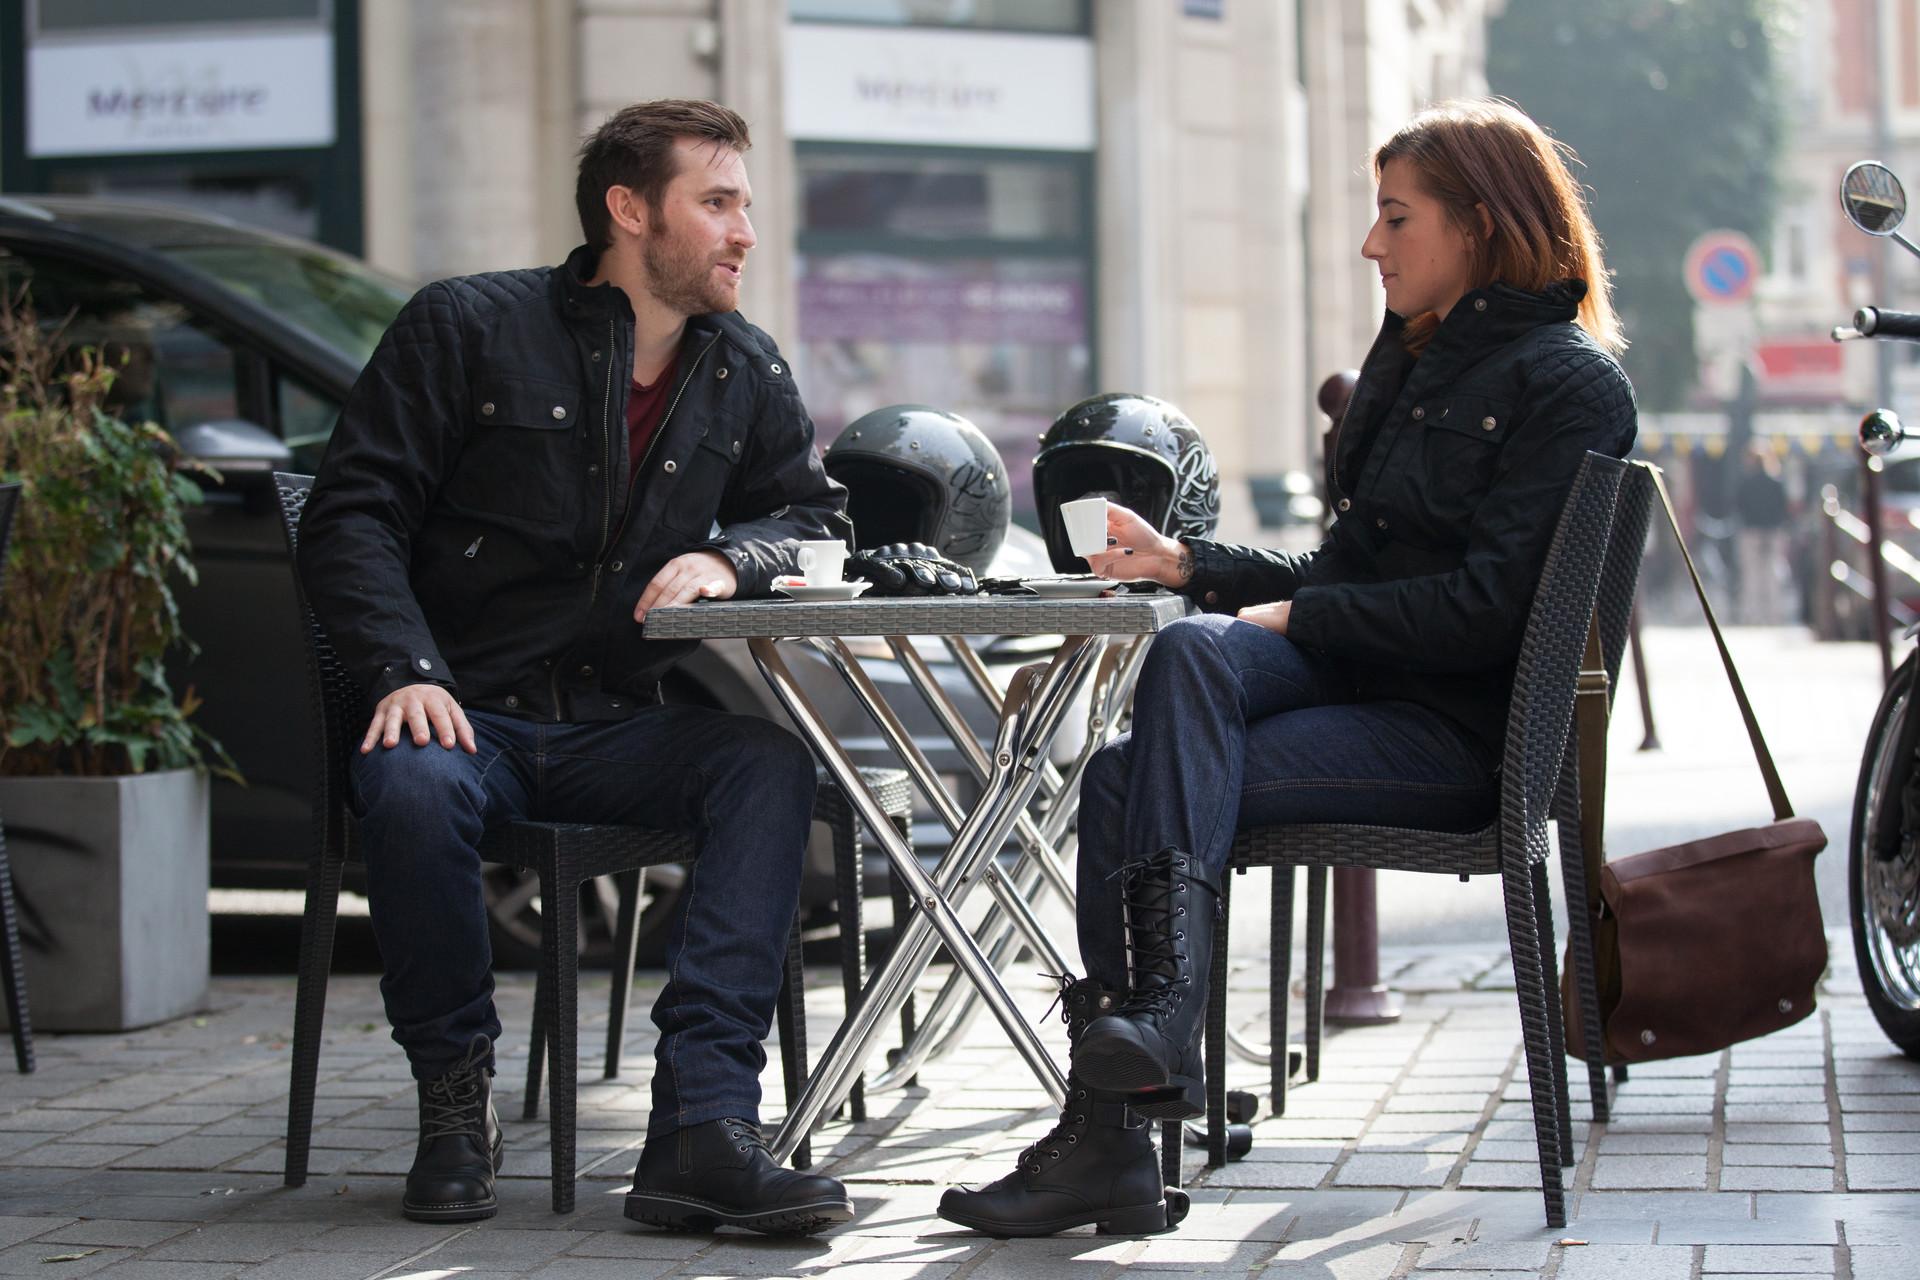 Jeans moto DXR Howell et Karen